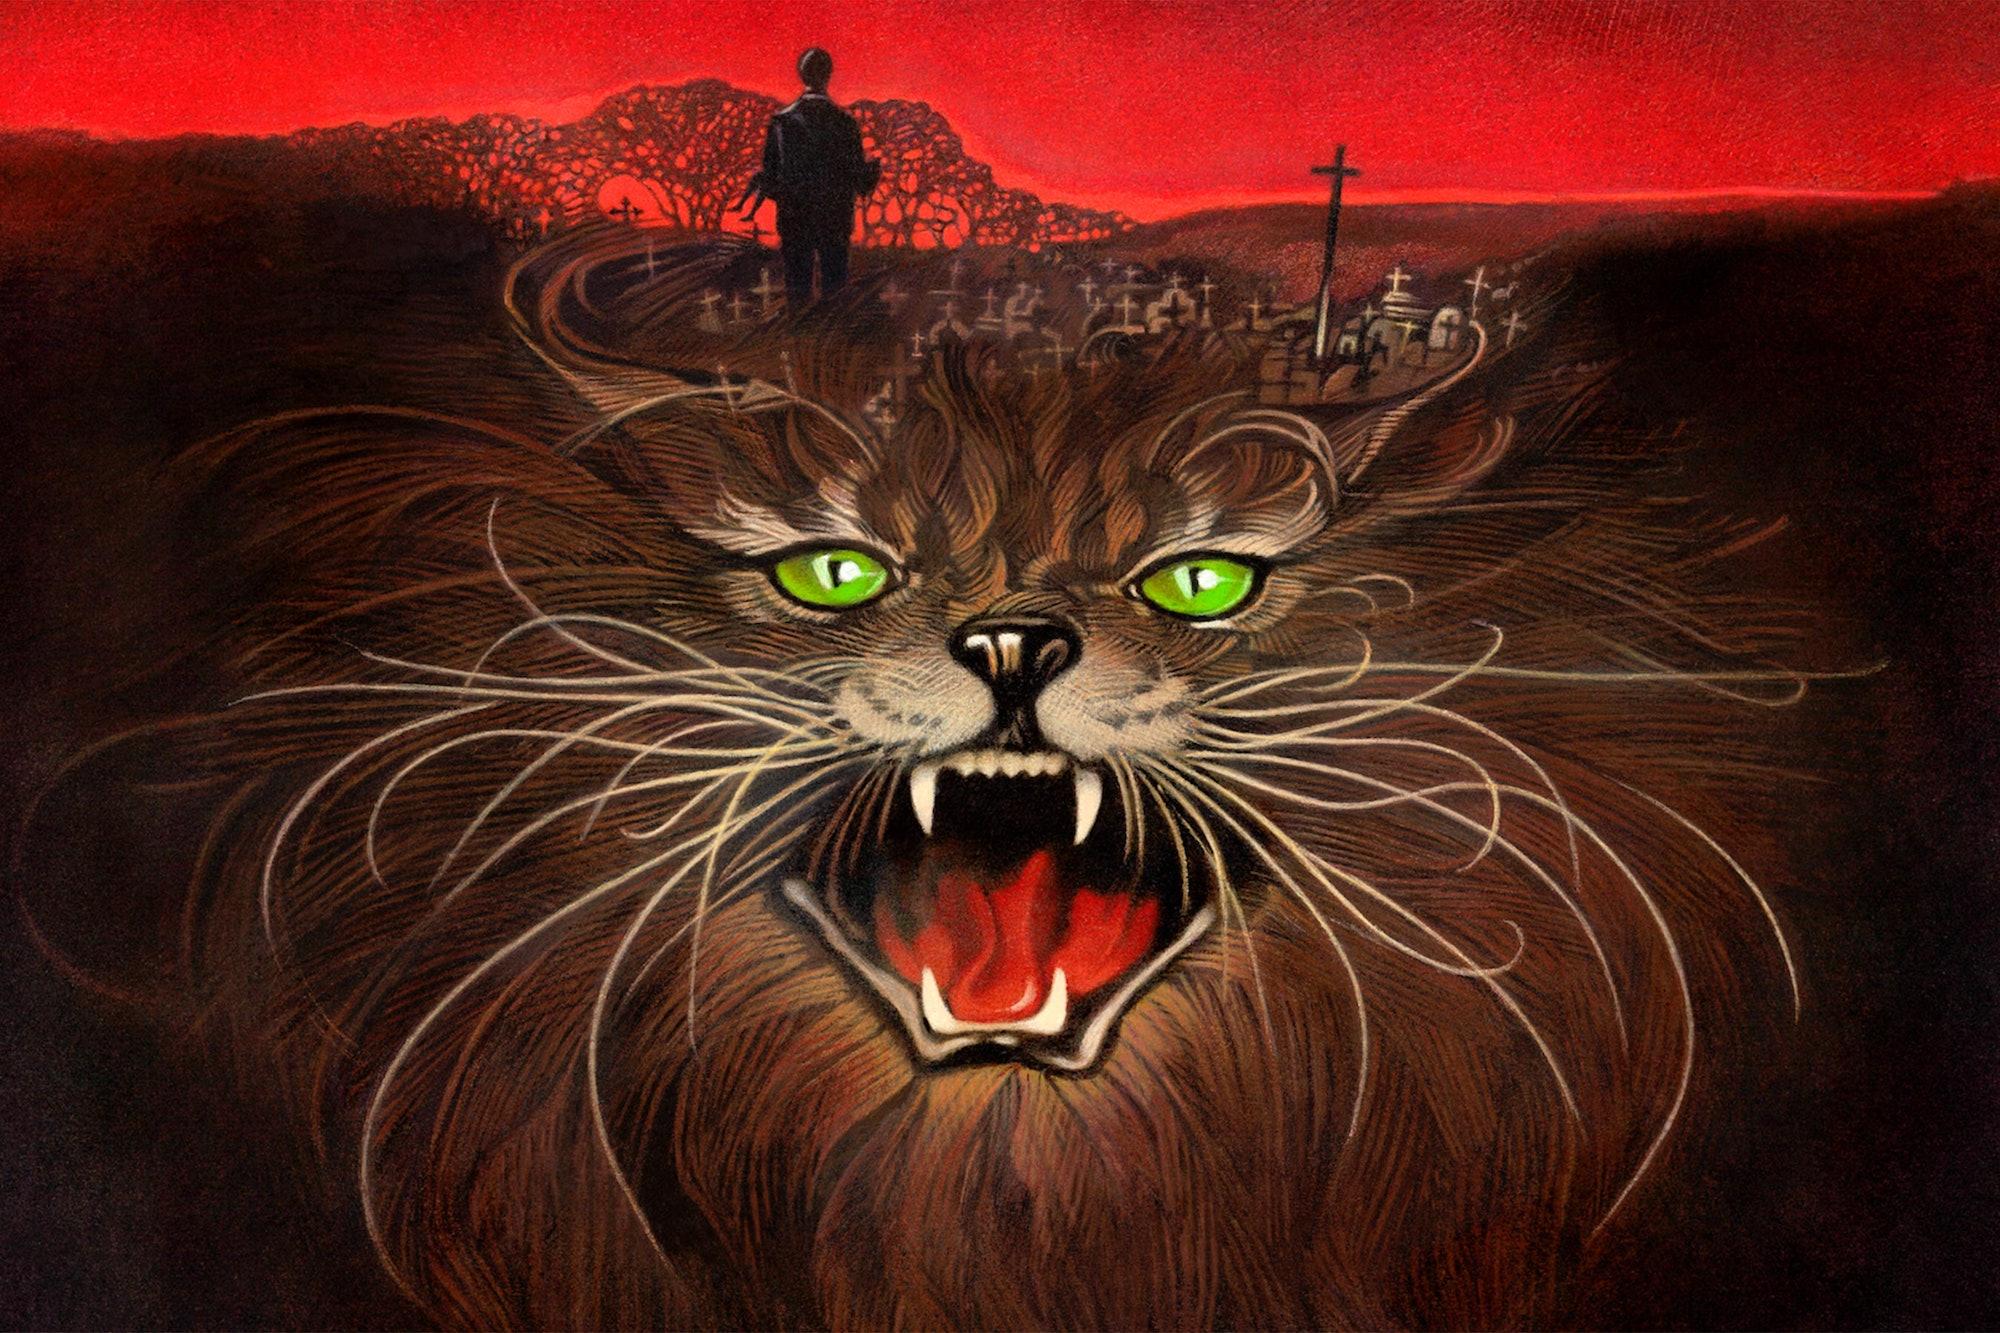 Pet Sematary cover art